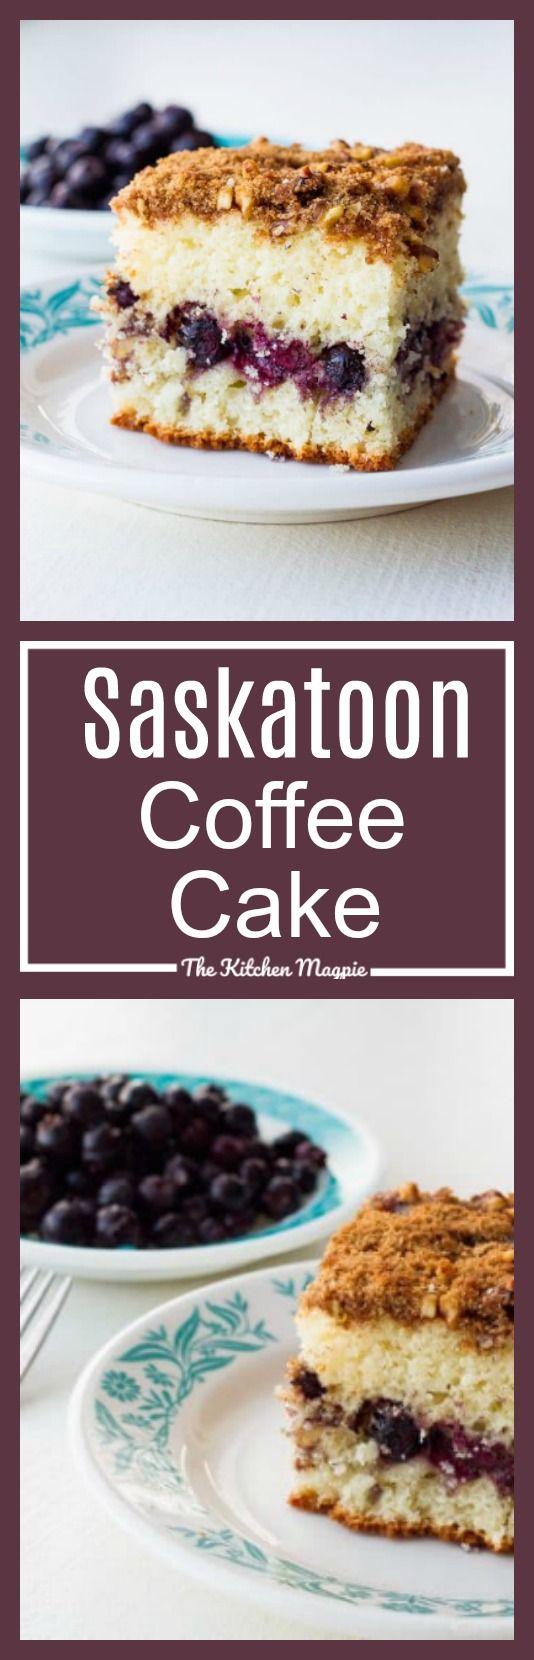 Saskatoon Coffee Cake - The Kitchen Magpie